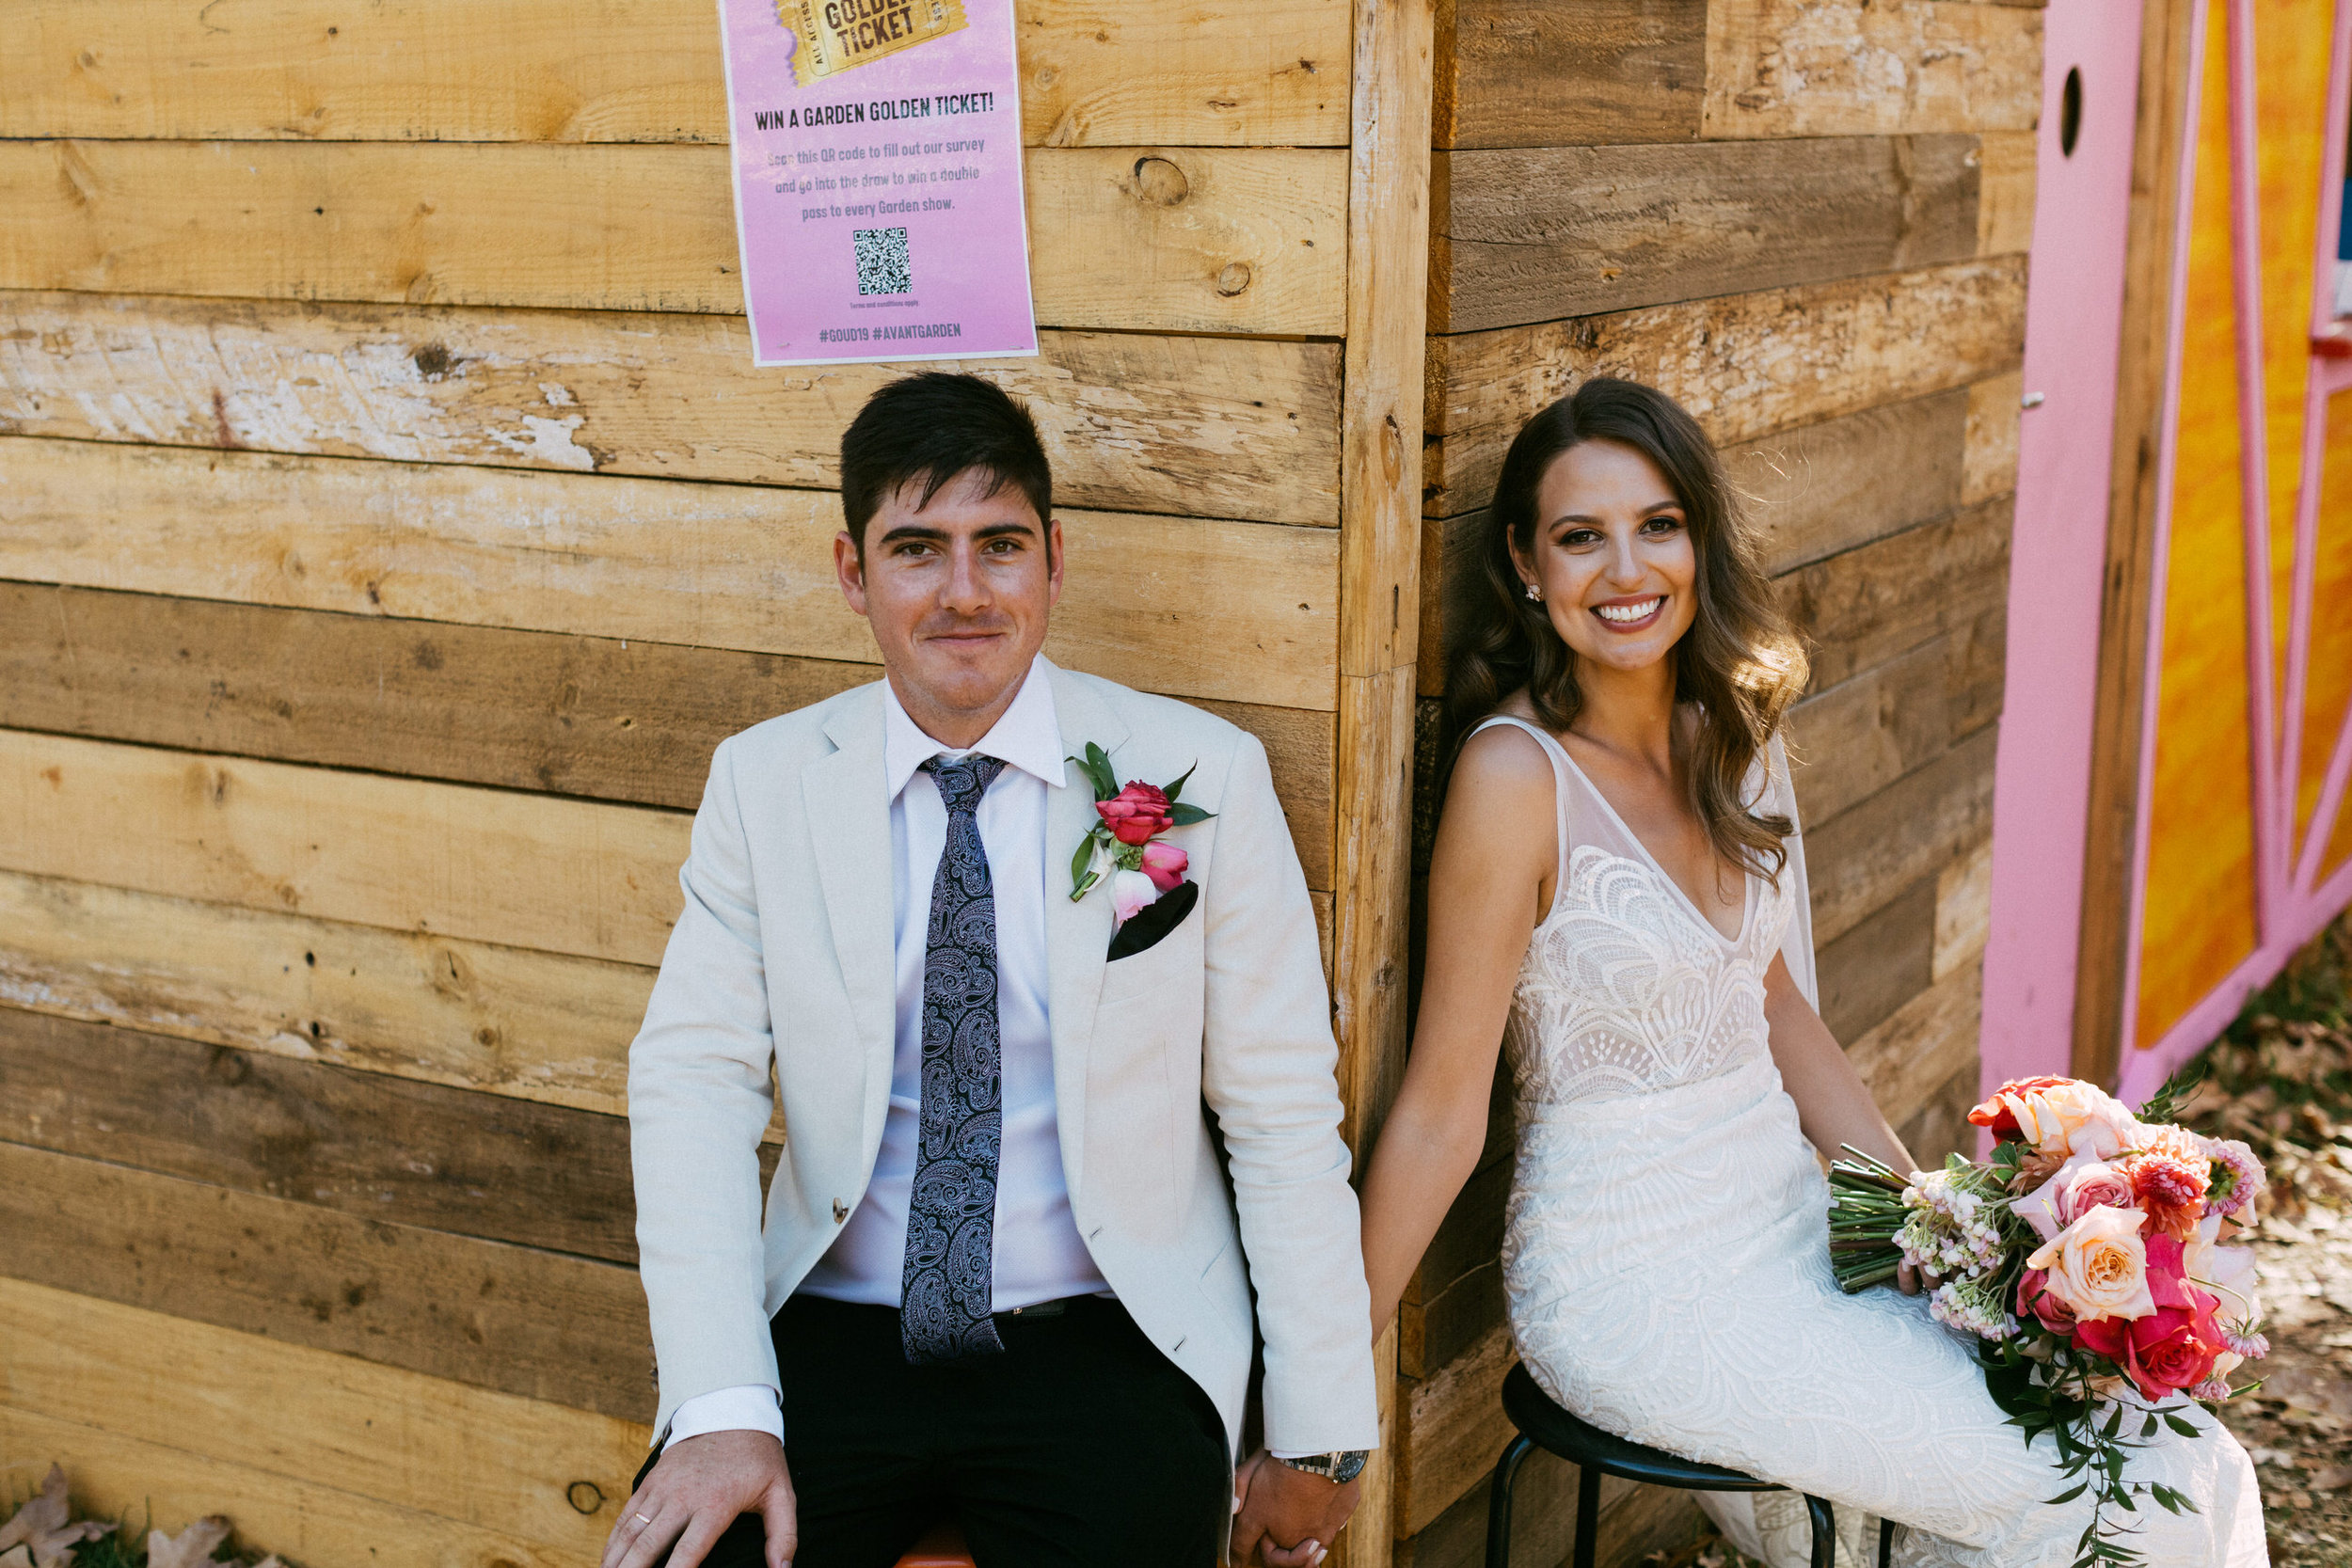 Adelaide City Fringe Garden Unearthly Delight Wedding 076.jpg